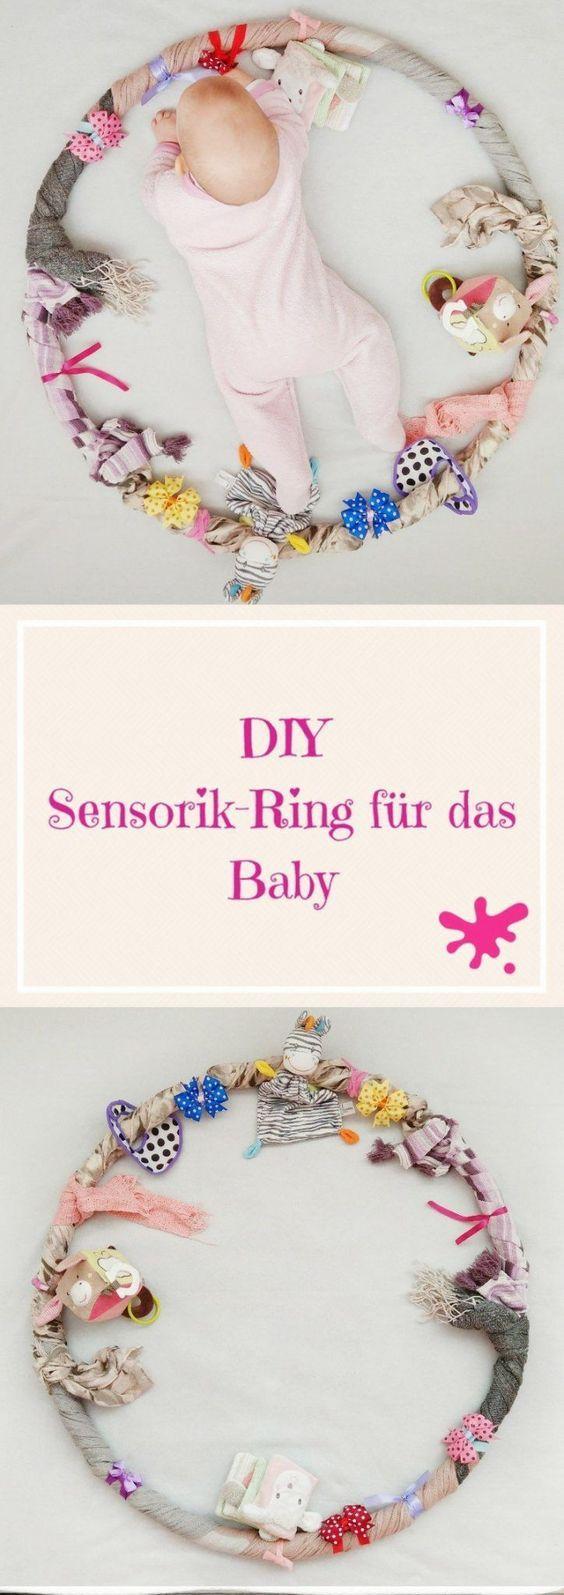 Sensory Hula Hoop für das Baby – Beschäftigung, Lernen und Spielen in einem   – DIY und Selbermachen